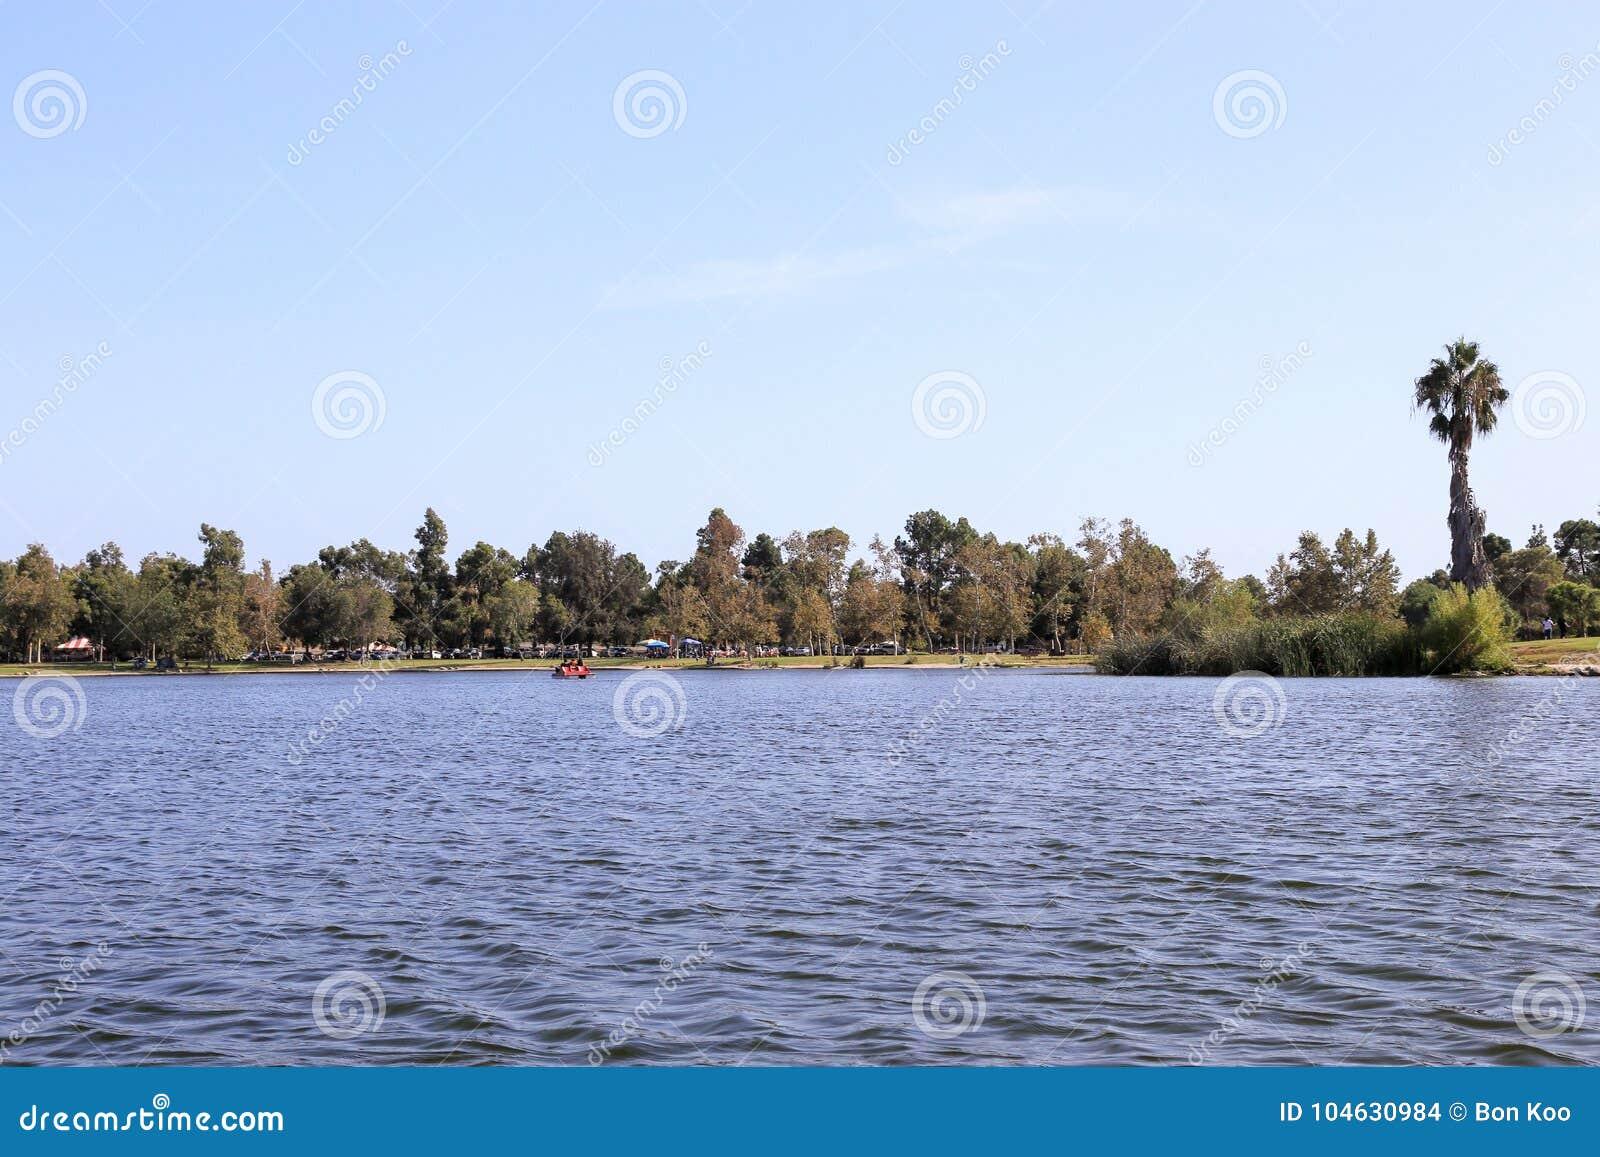 Download In Het Meer Van Het Regionale Park Van Het Oosten Van Gr Dorado Stock Foto - Afbeelding bestaande uit dorado, camping: 104630984